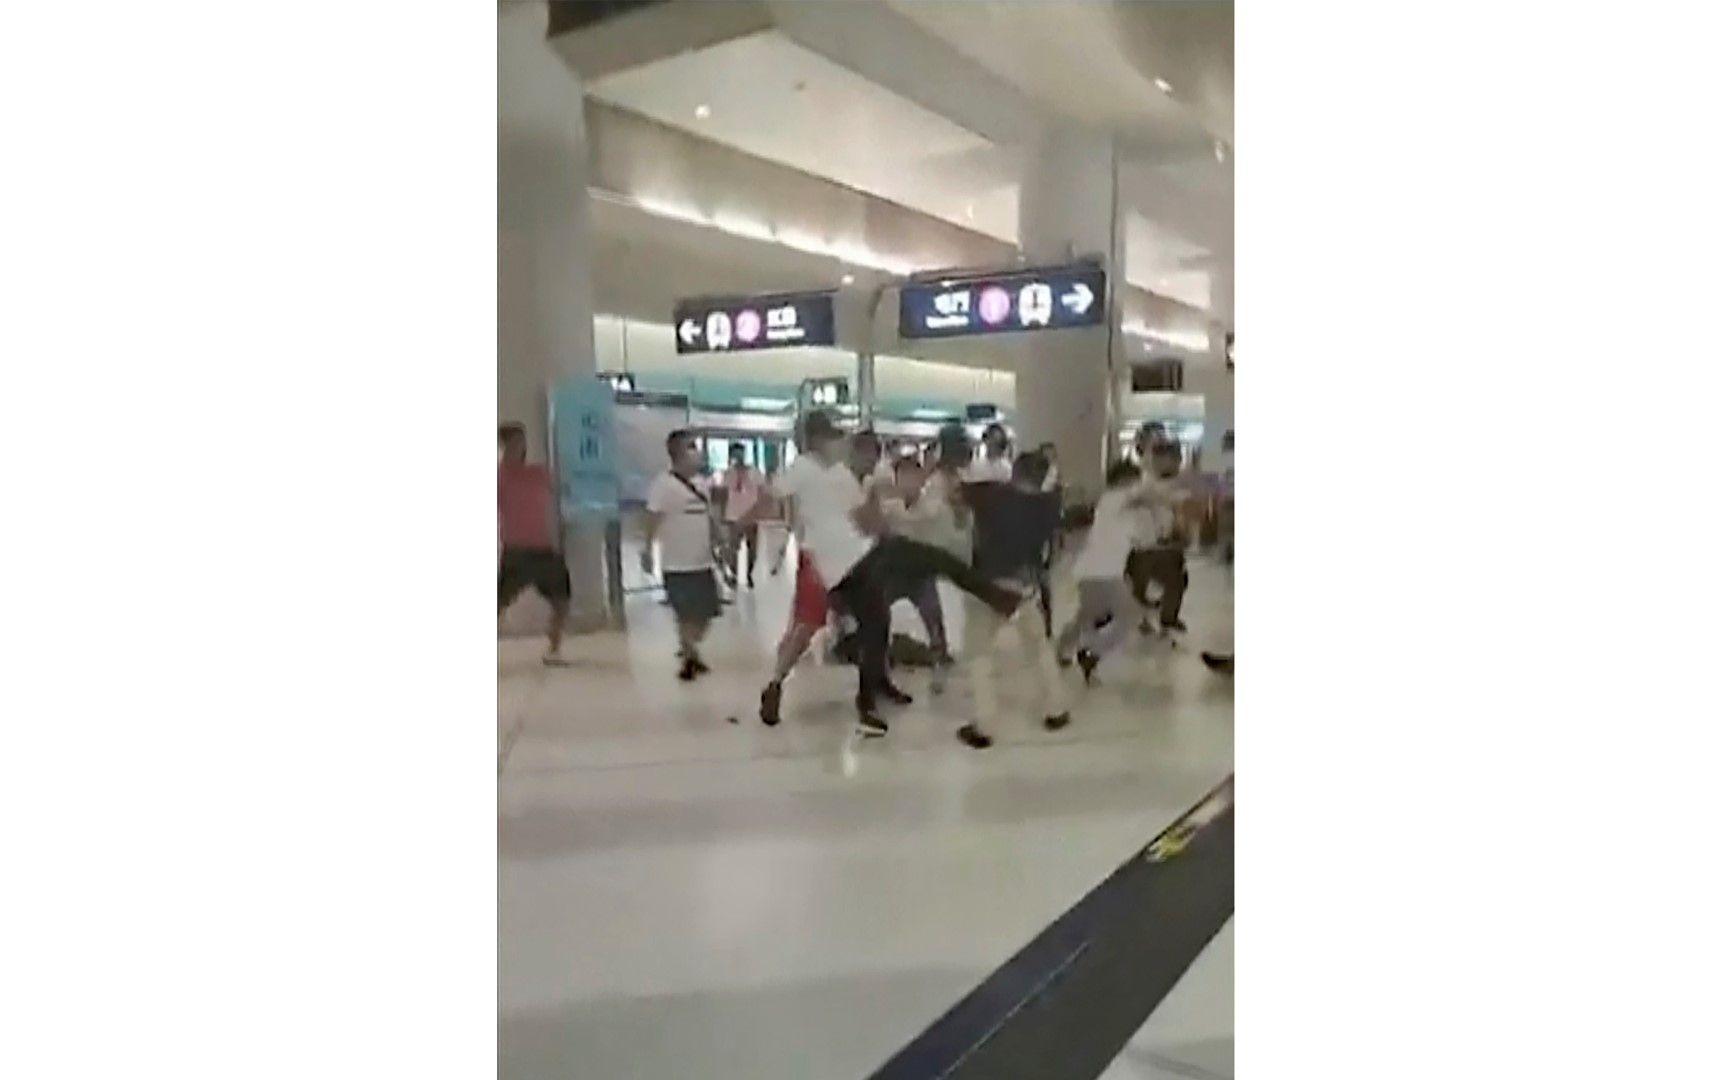 Неделя, 21 юли 2019 г., изображение, взето от видеоклип, показва сблъсък между маскирани нападатели и протестиращи в железопътната гара Юен Лонг в Хонконг